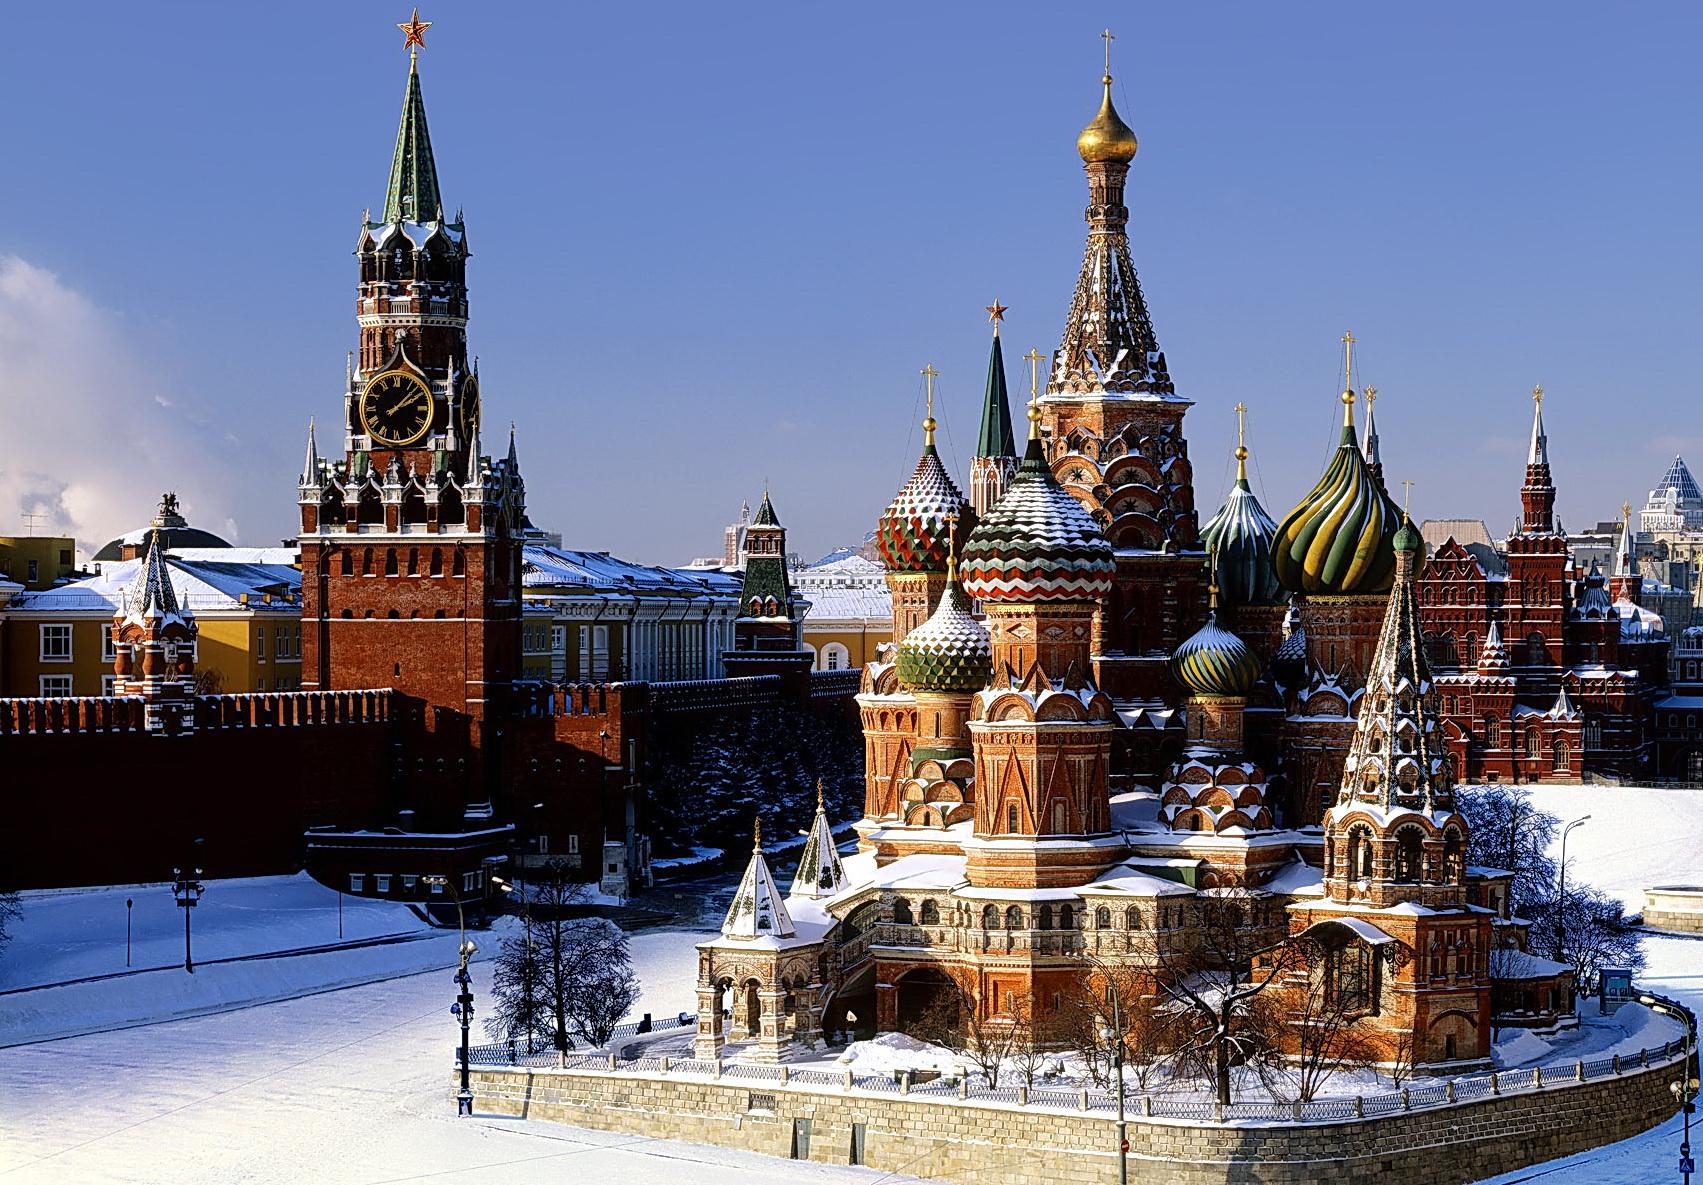 Işte moskova denilince akla ilk gelen yapılar ve meydanlar…